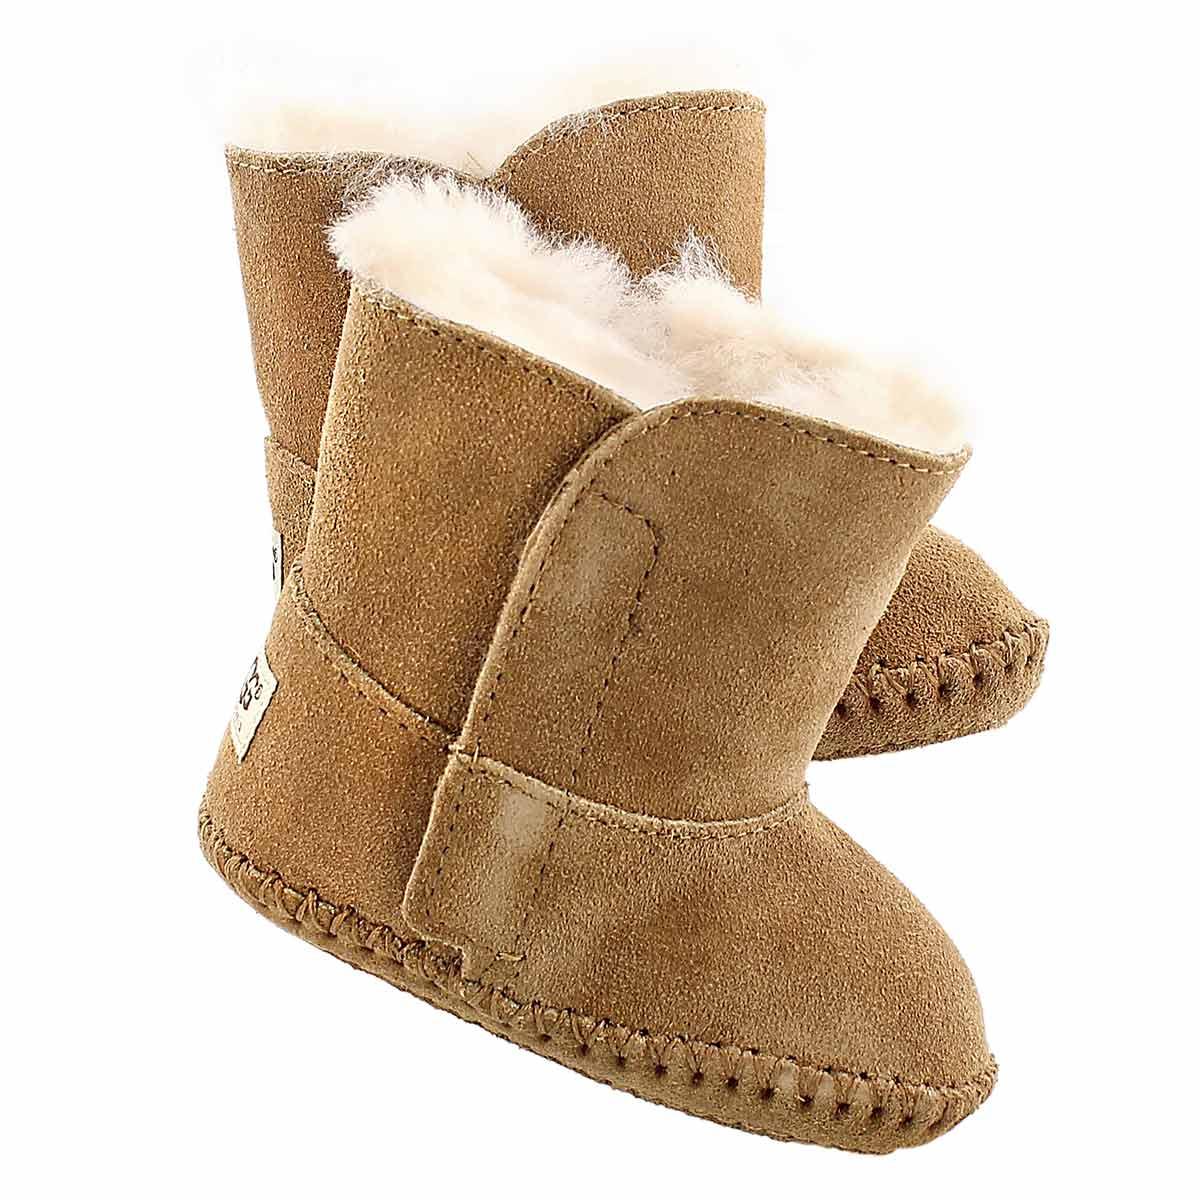 Inf Caden chestnut sheepskin boot